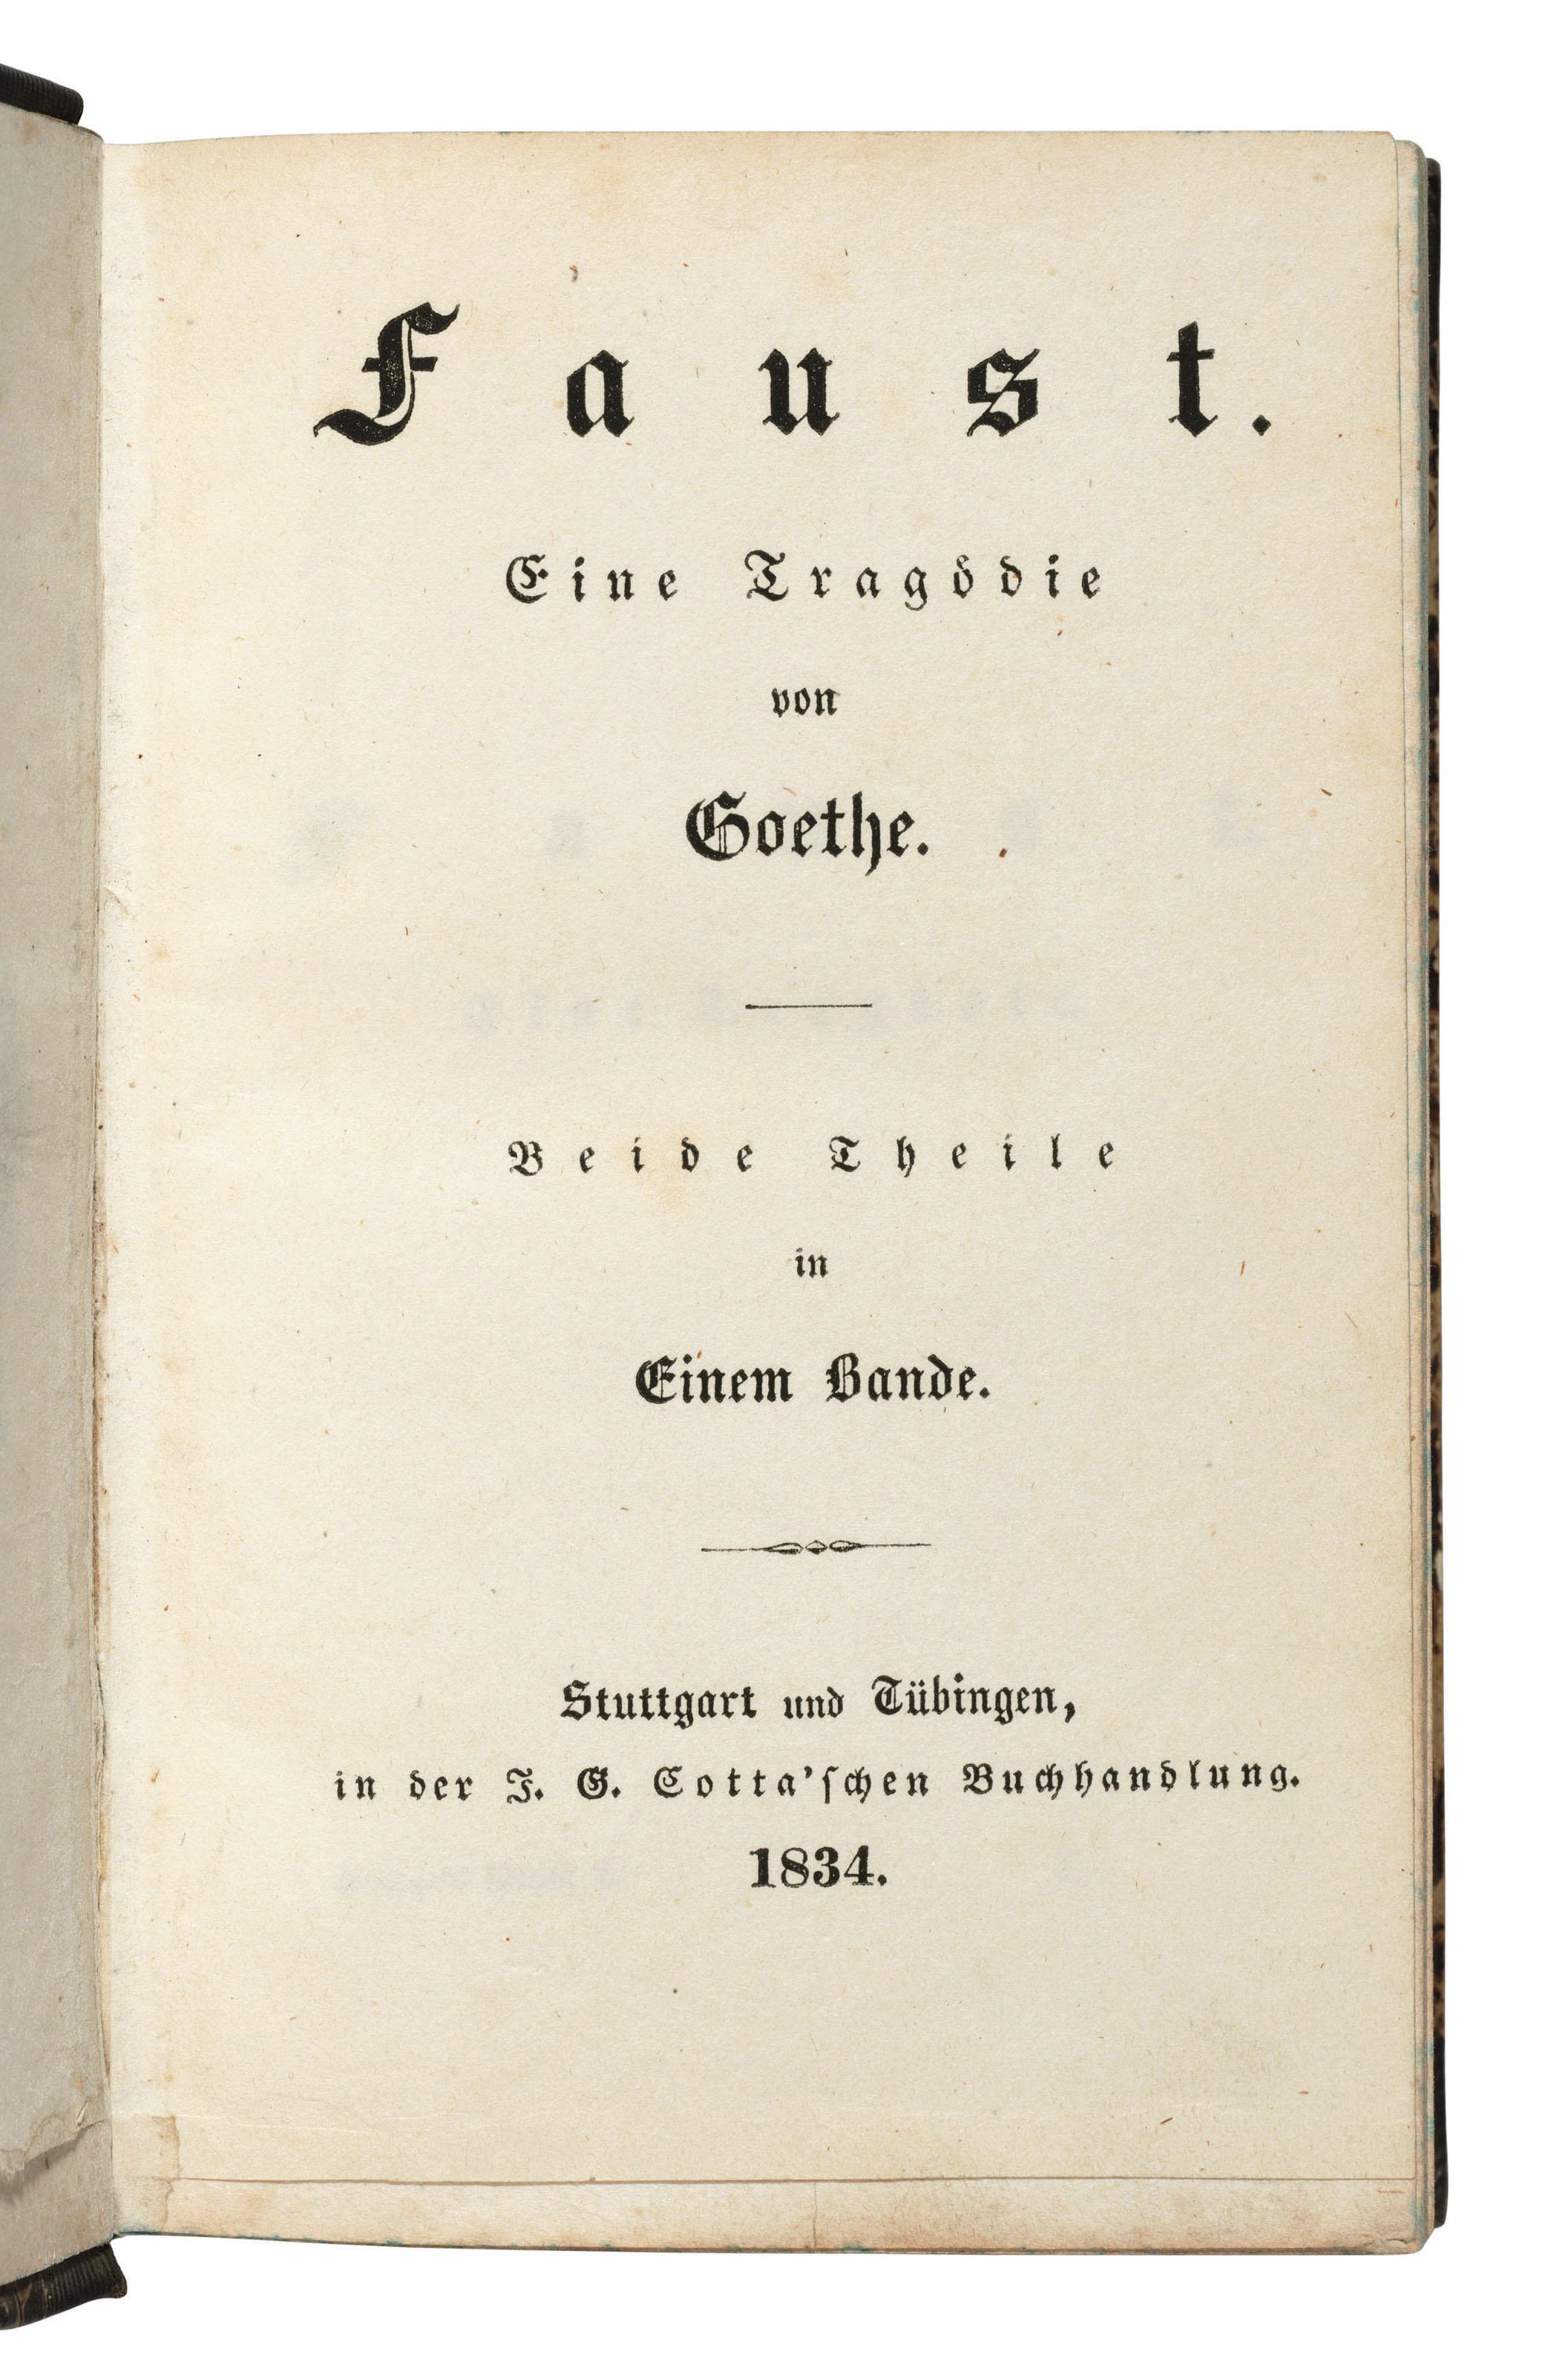 GOETHE, Johann Wolfgang von (1749-1832). Faust. Eine Tragödie. Stuttgart and Tübingen, J.G. Cotta, 1834.